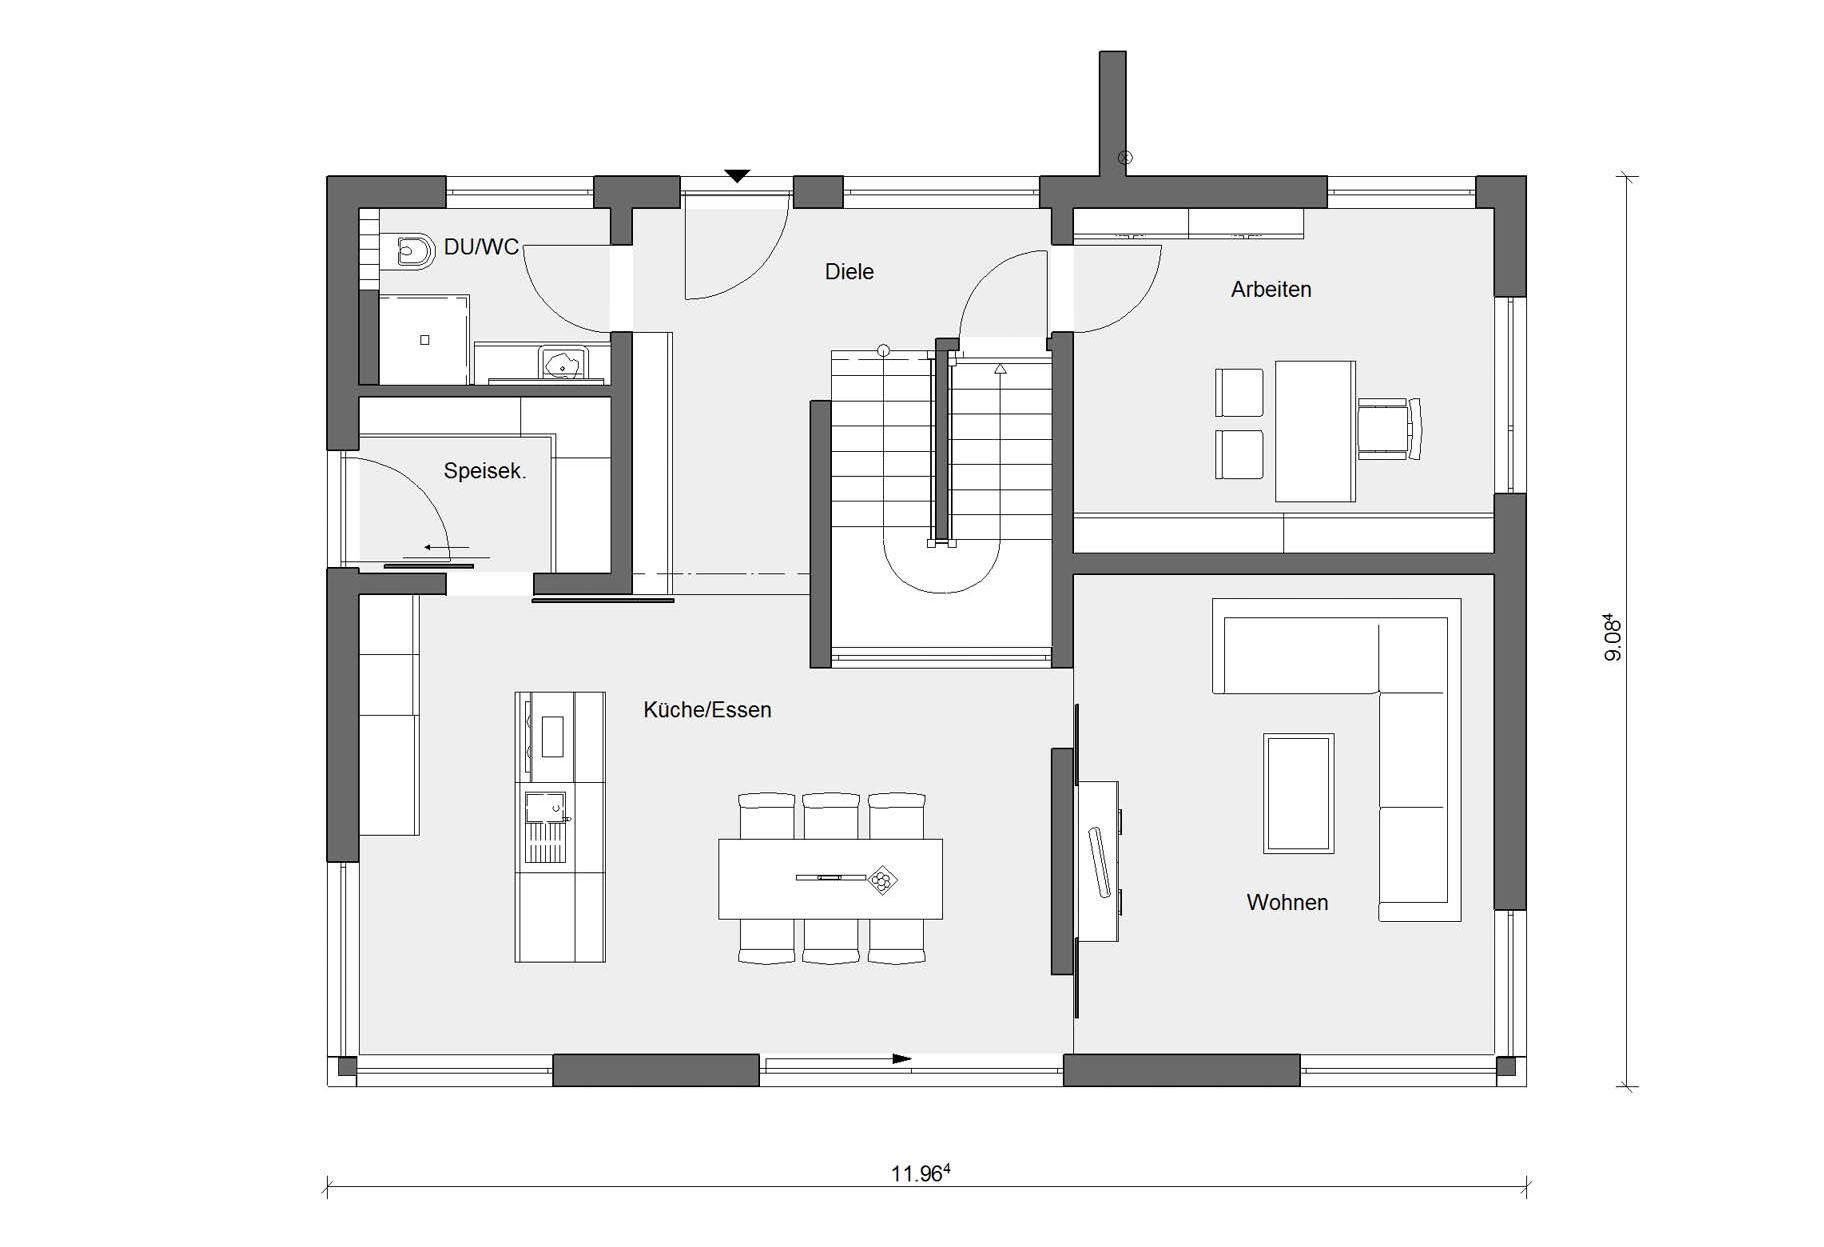 Haus mit Holzverkleidung E 20 180 6